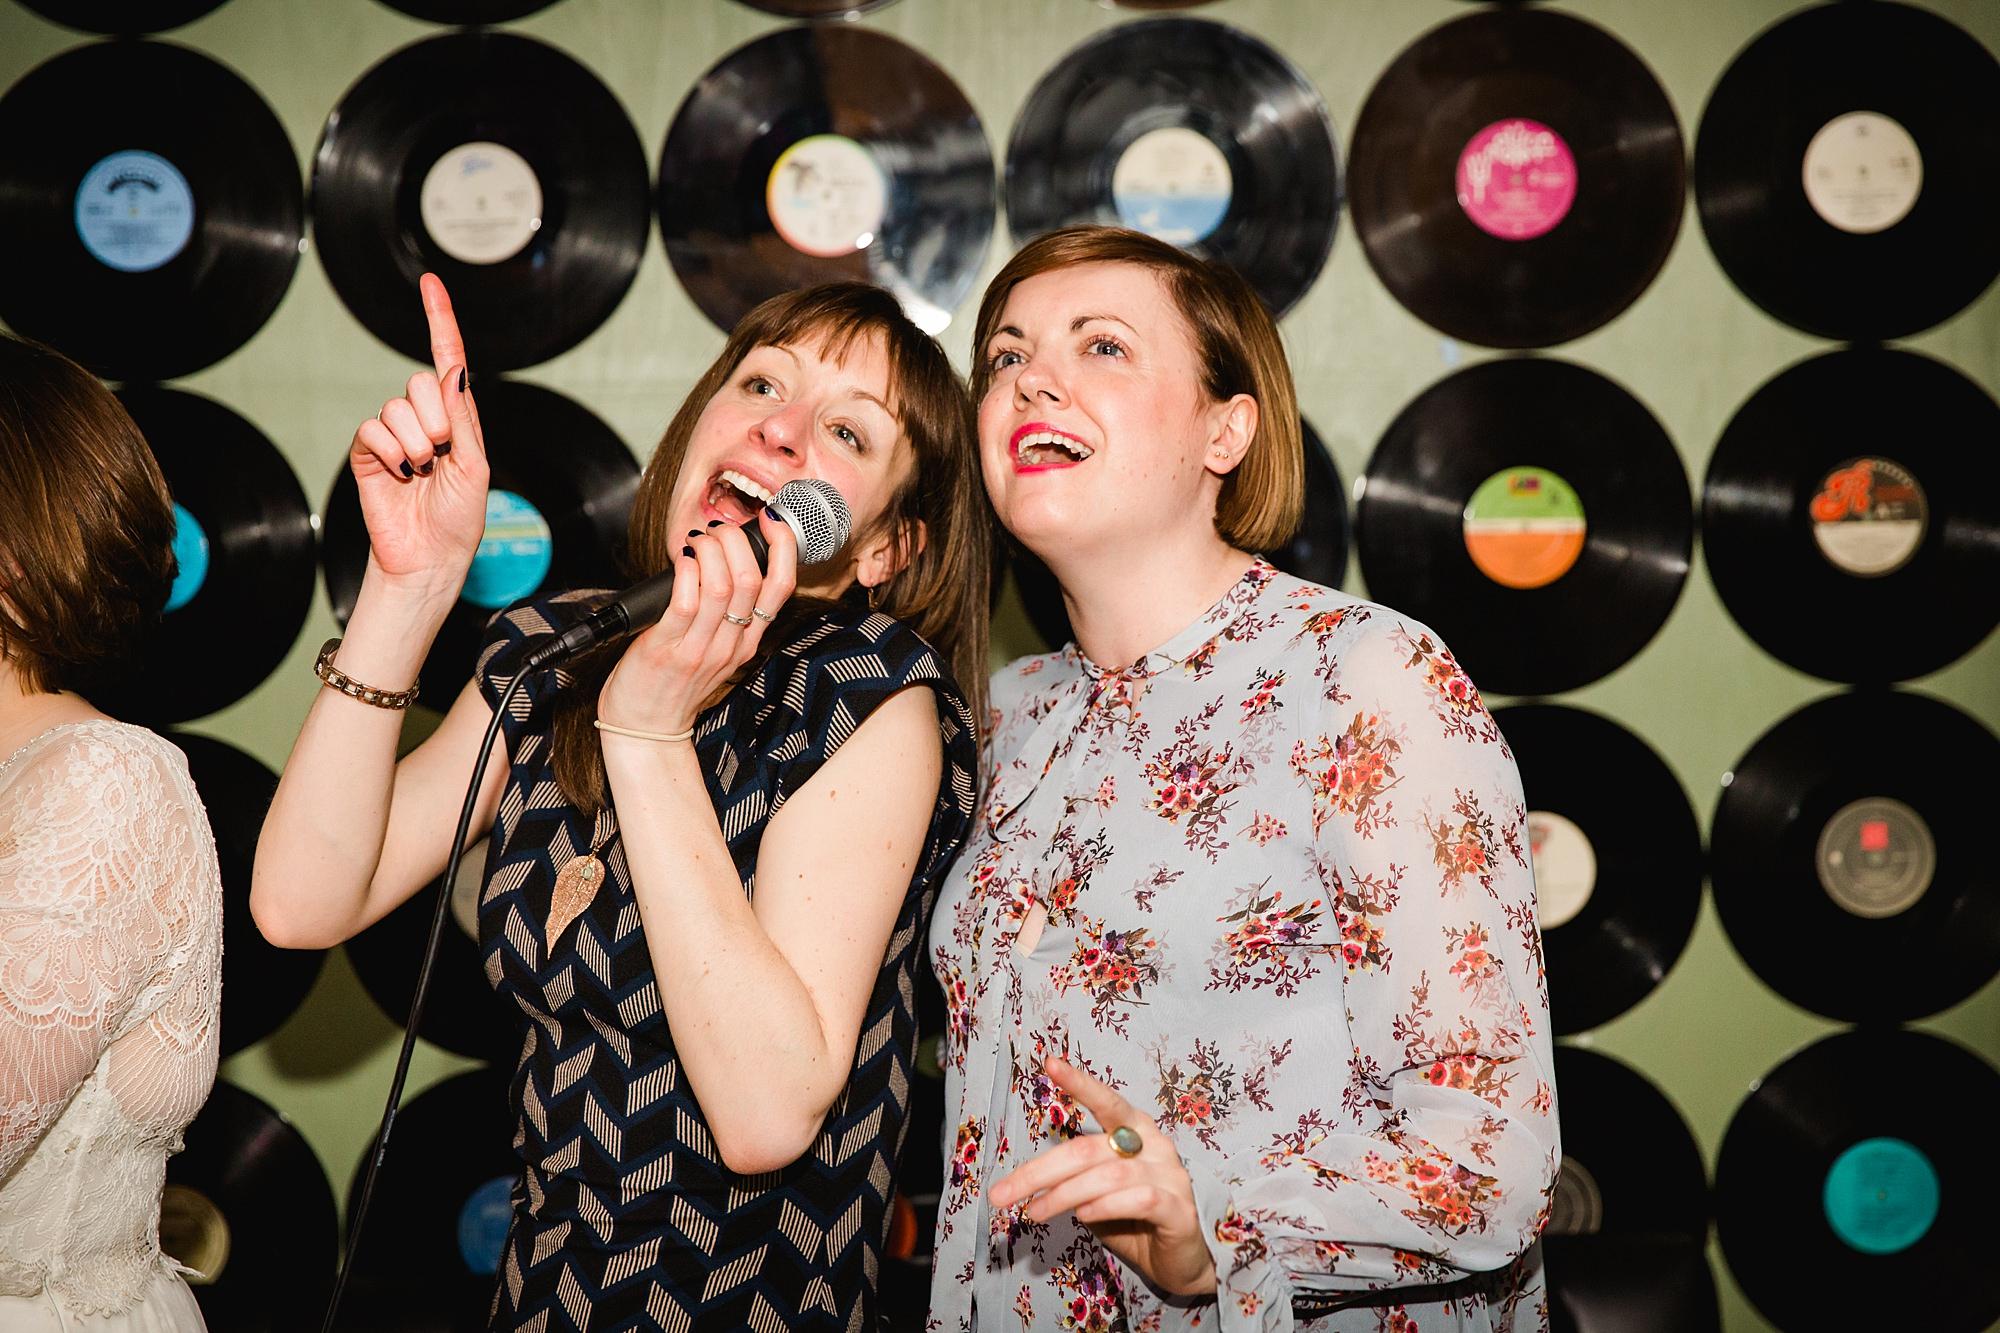 fun london wedding bowling karaoke singing